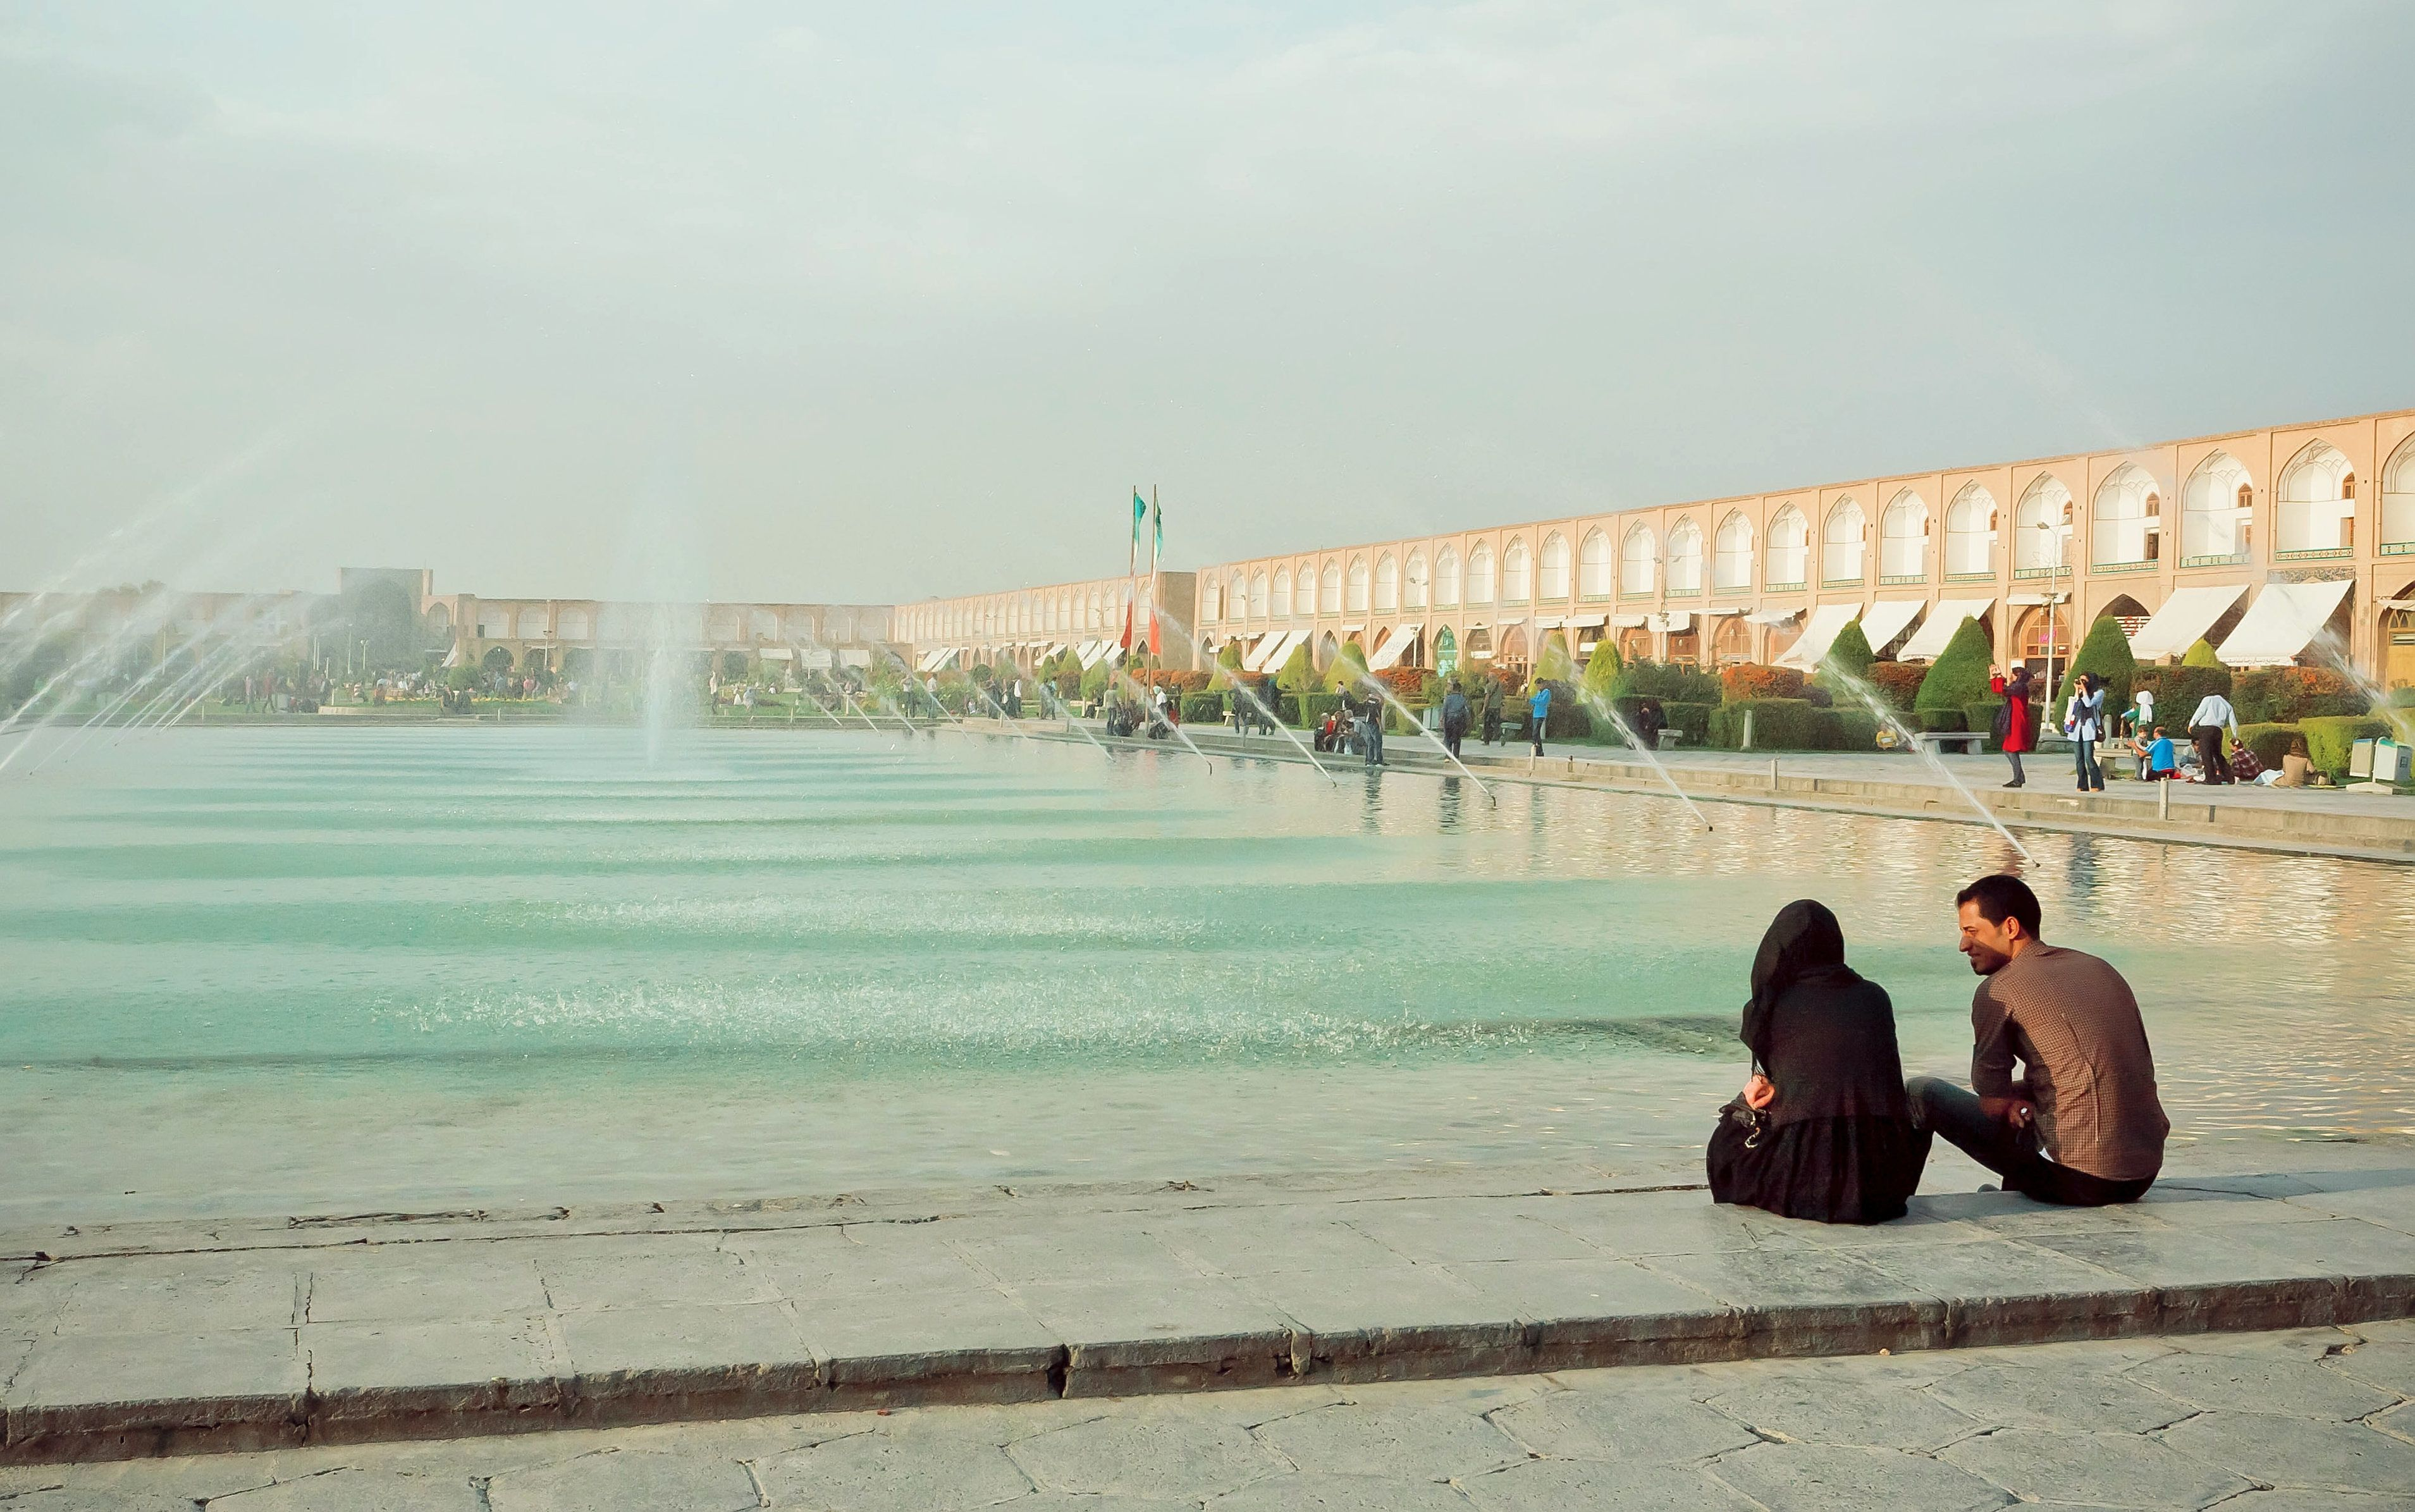 Quelles sont les phrases à utiliser pour draguer durant ramadan? Quand les internautes font preuve